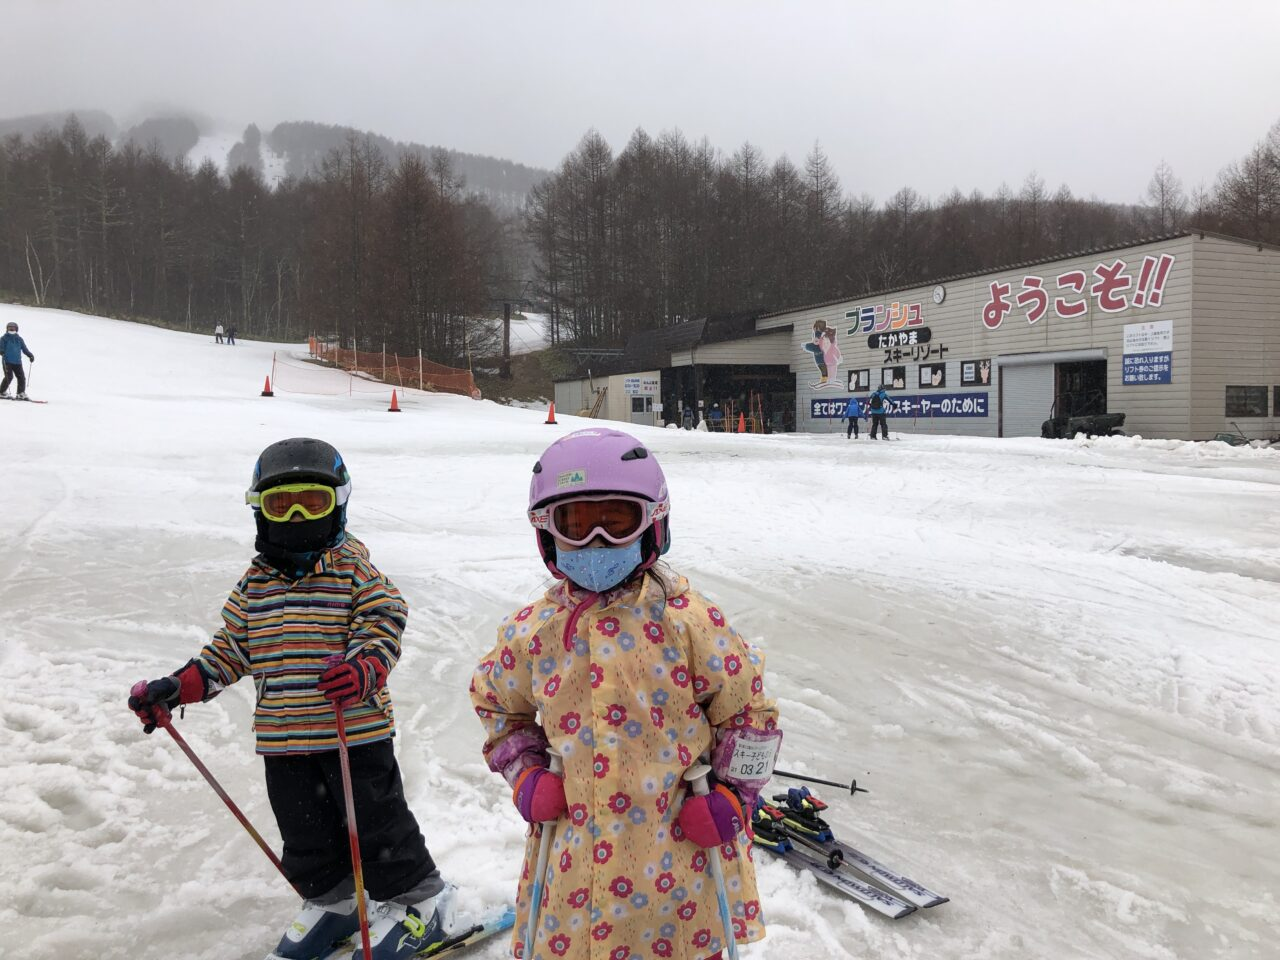 ブランシュたかやま 無料スキーレッスン 5才